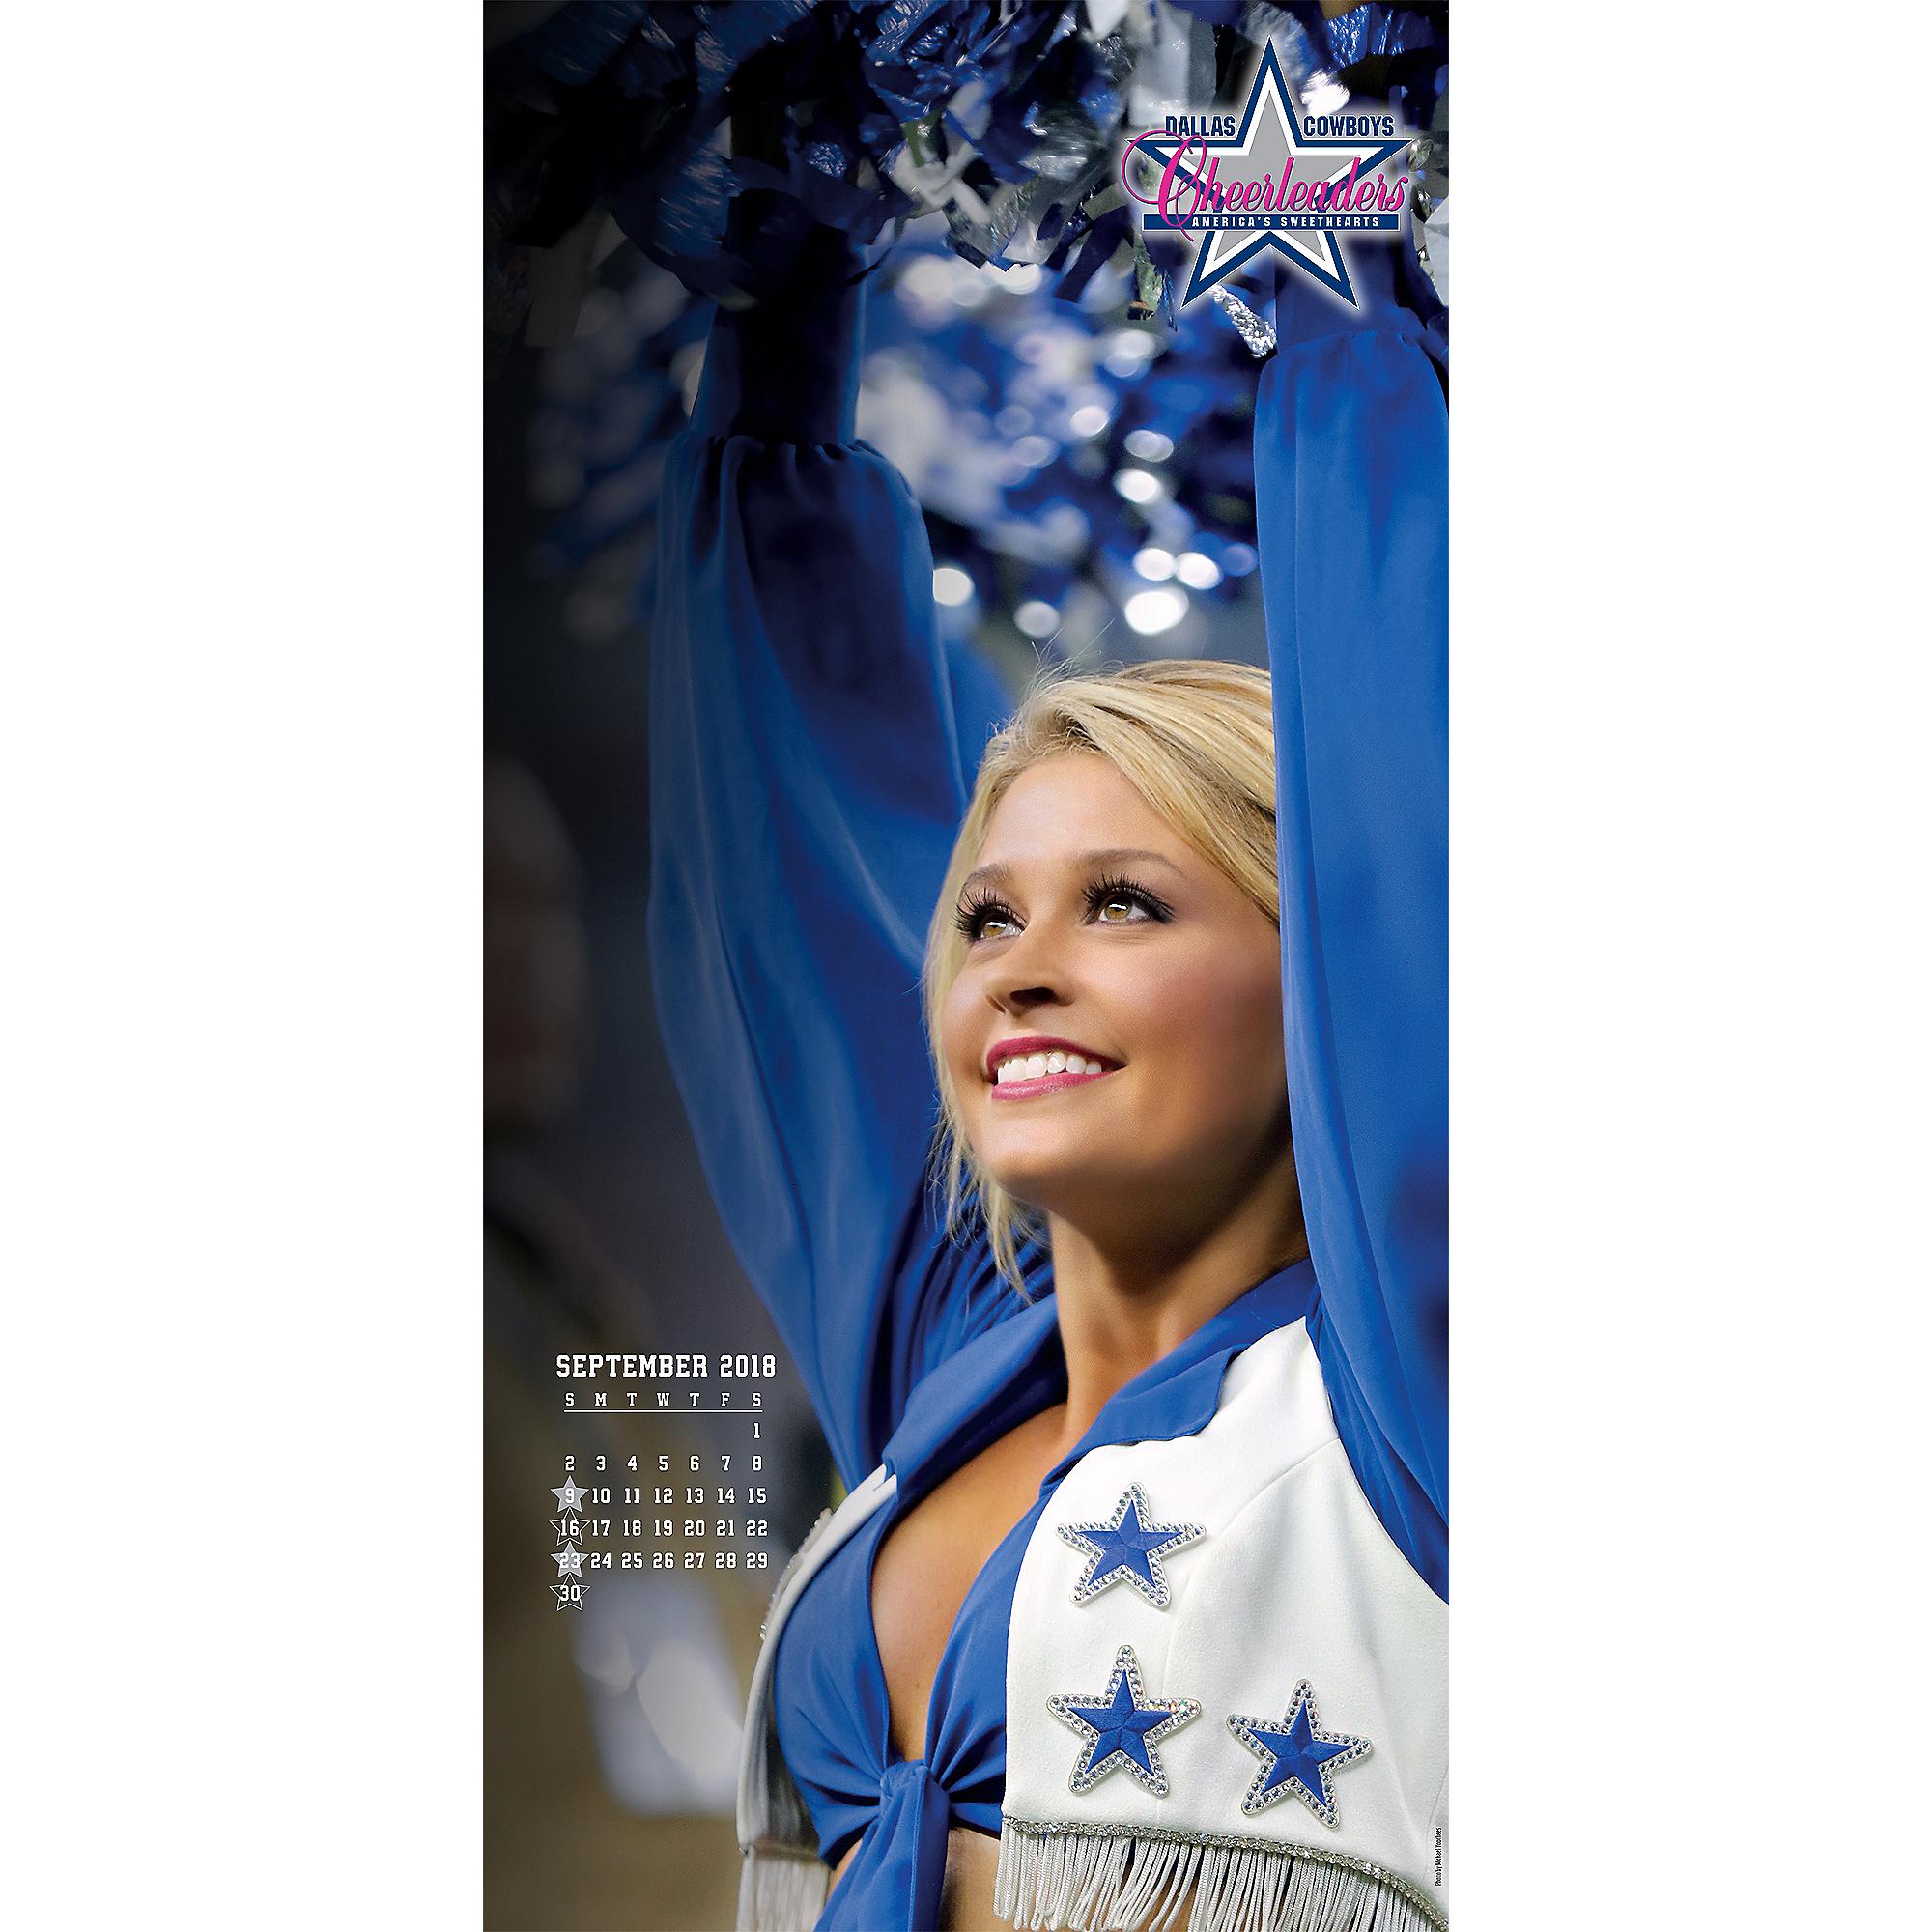 46610f63f3 2019 12x12 Dallas Cowboys Cheerleaders Sideline Wall Calendar ...